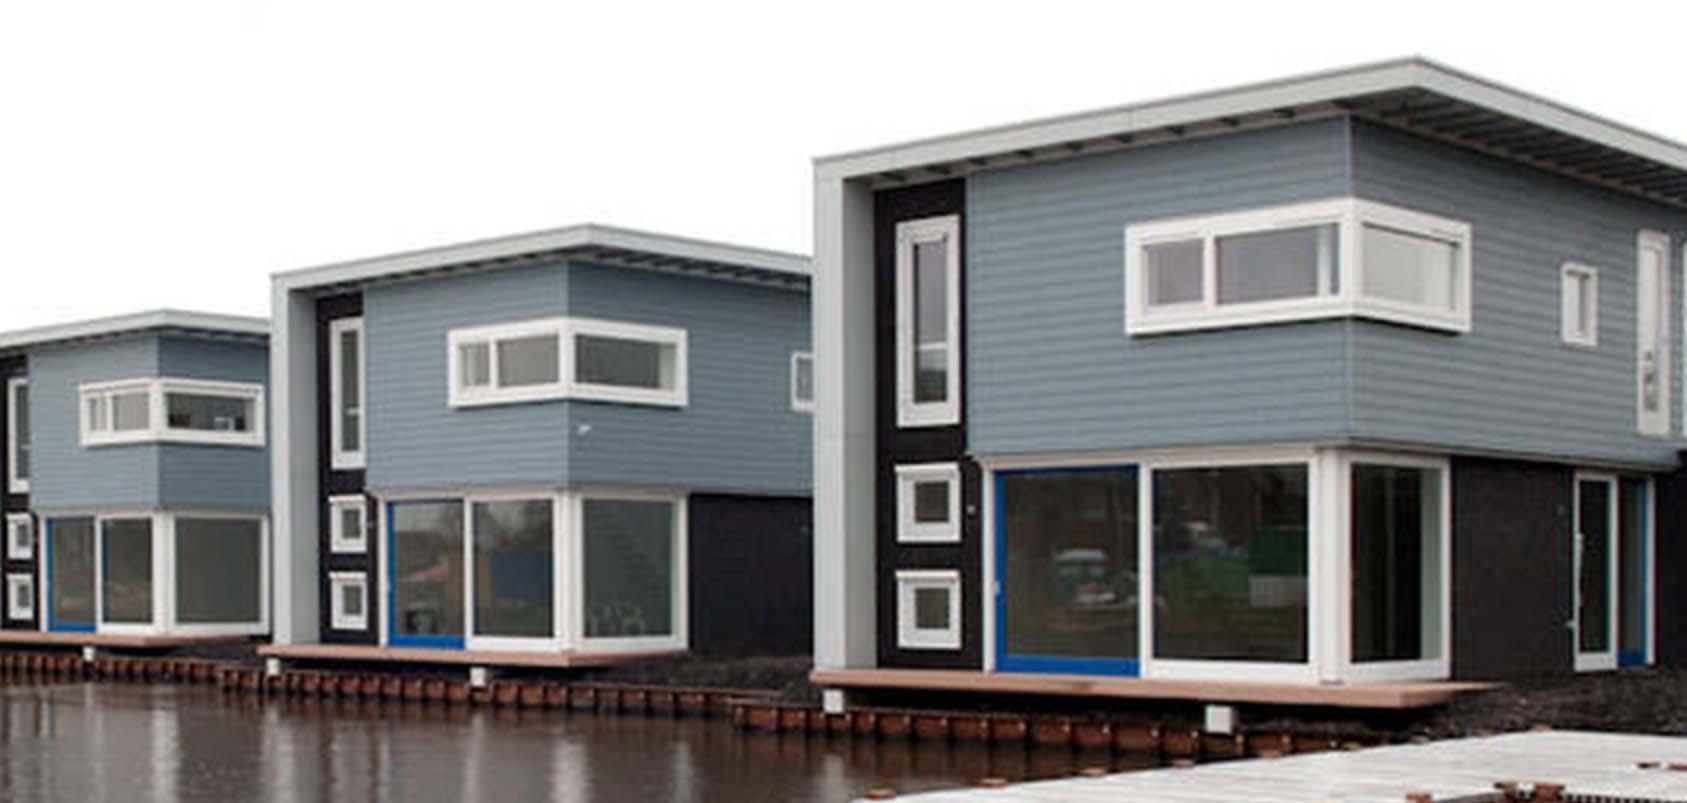 Meijer Dorpshaven Aalsmeer